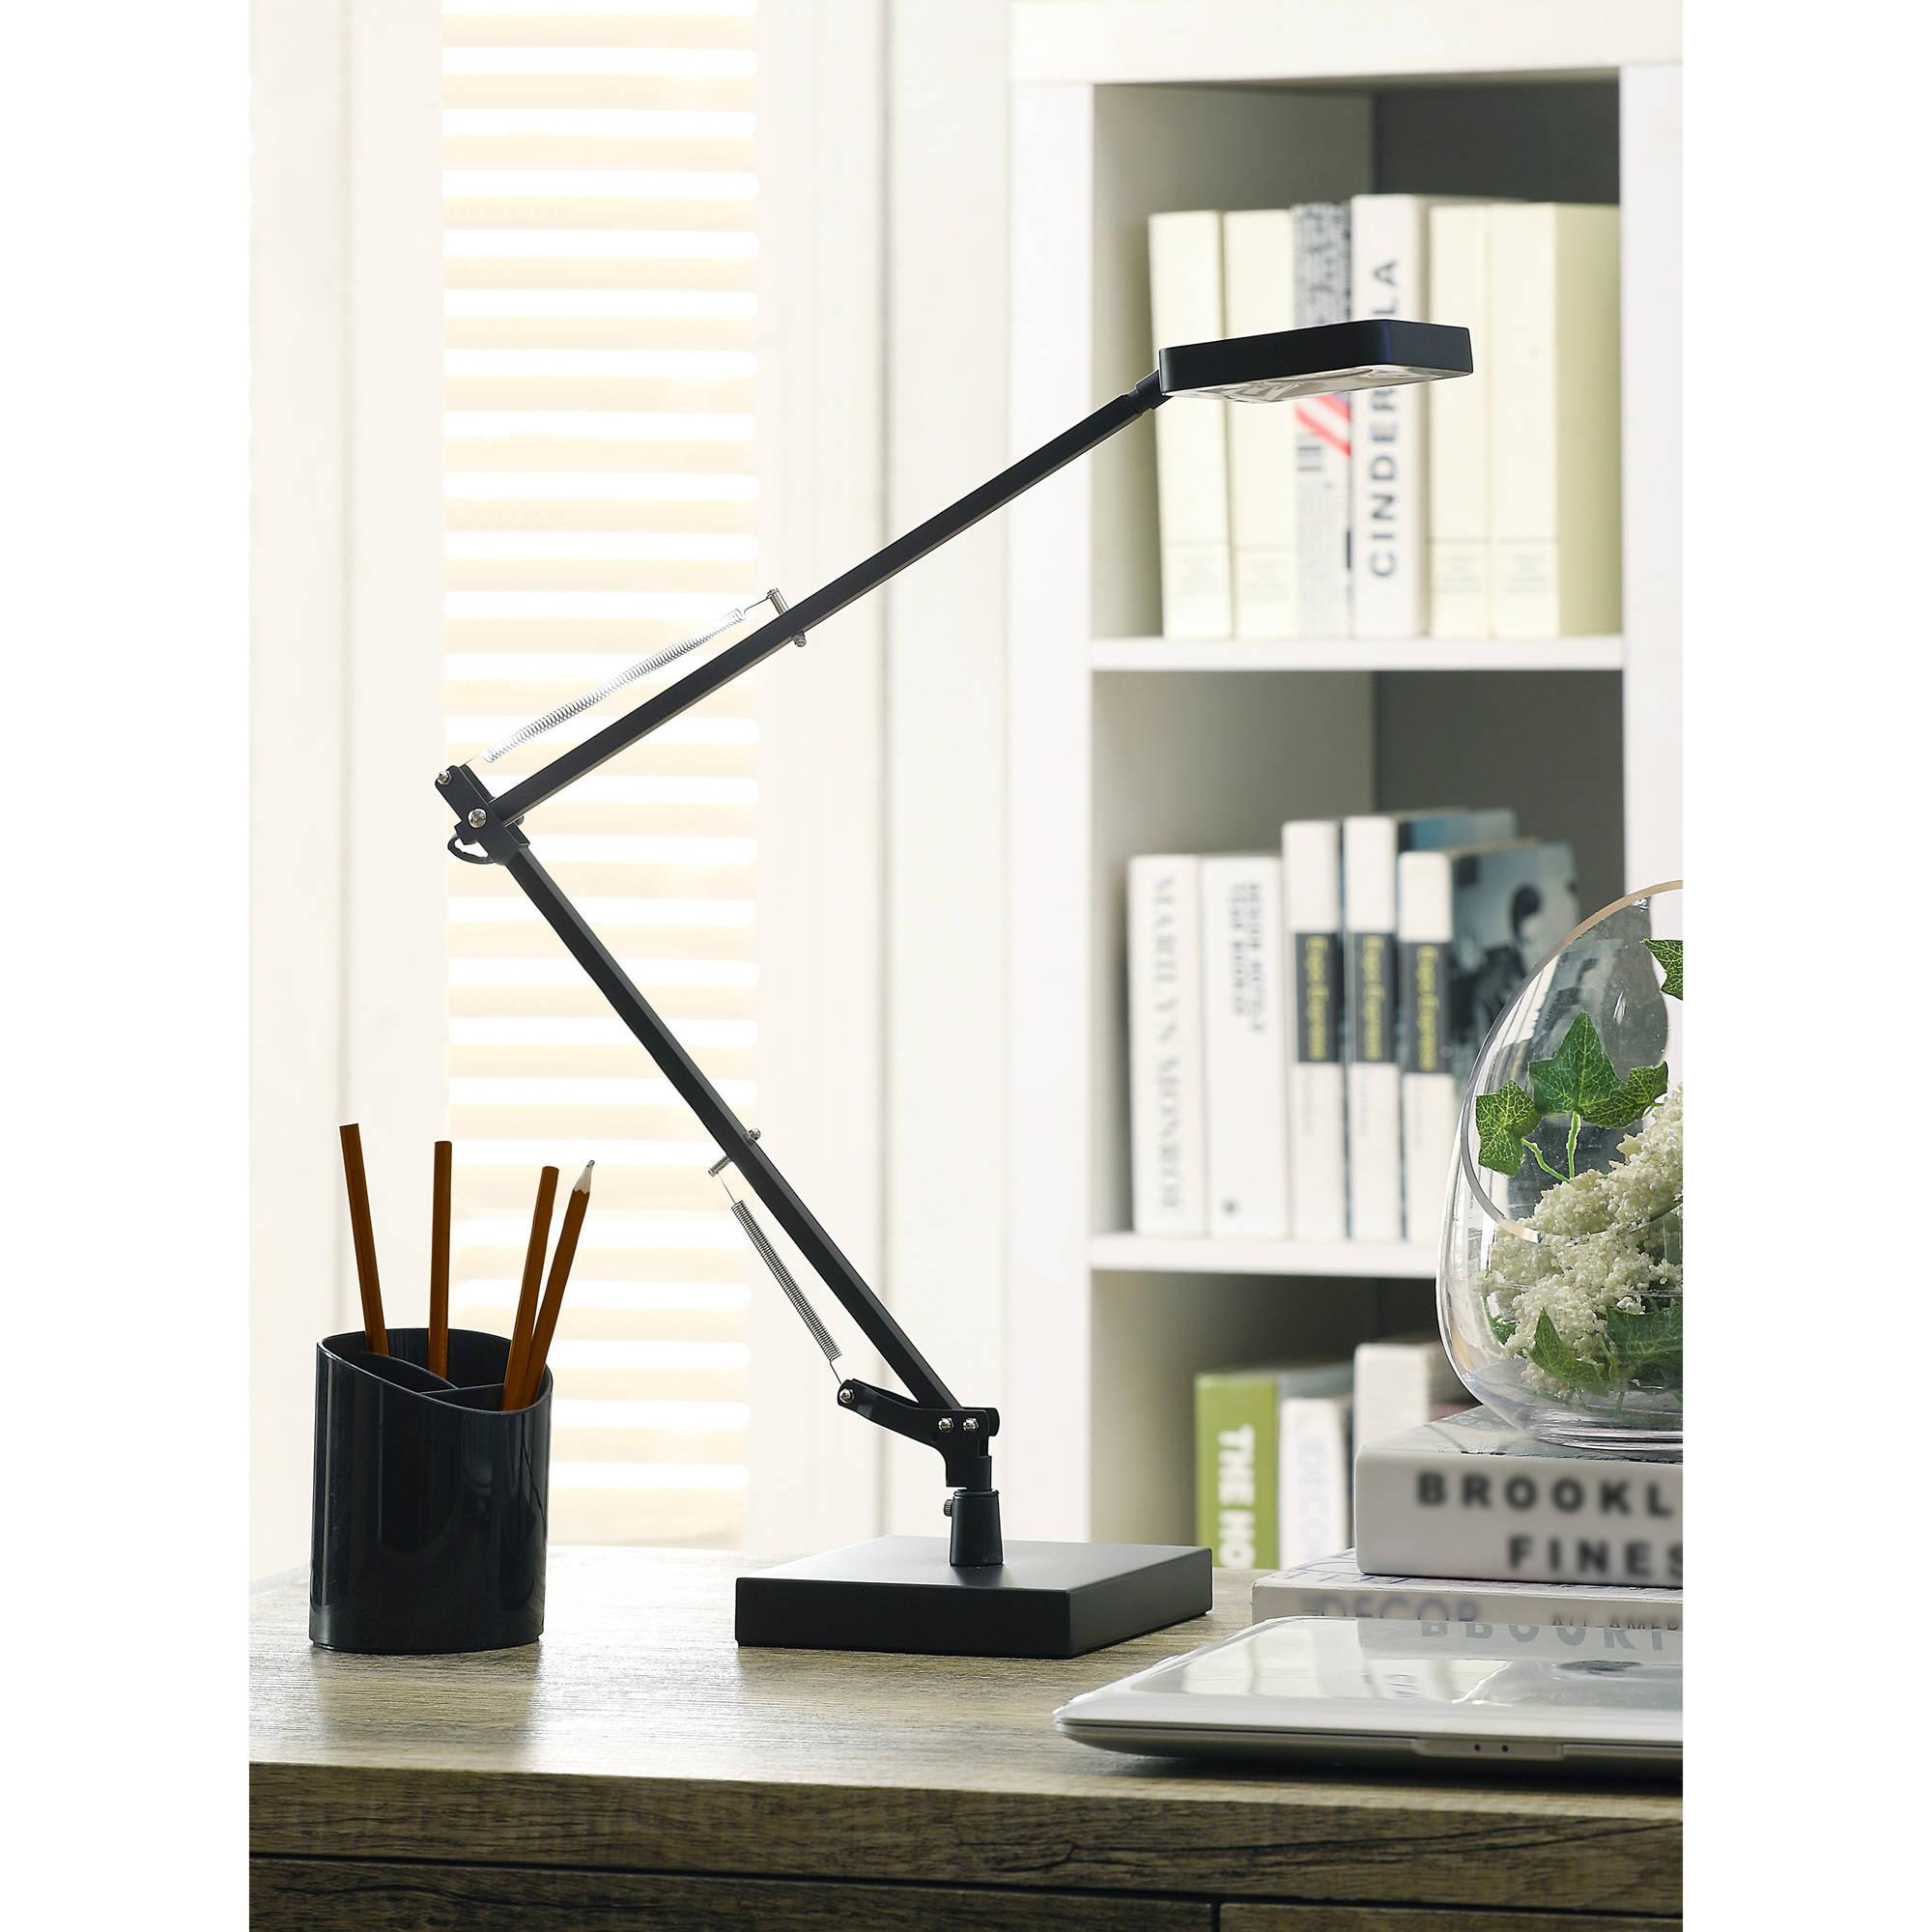 Better Homes and Gardens LED Desk Lamp